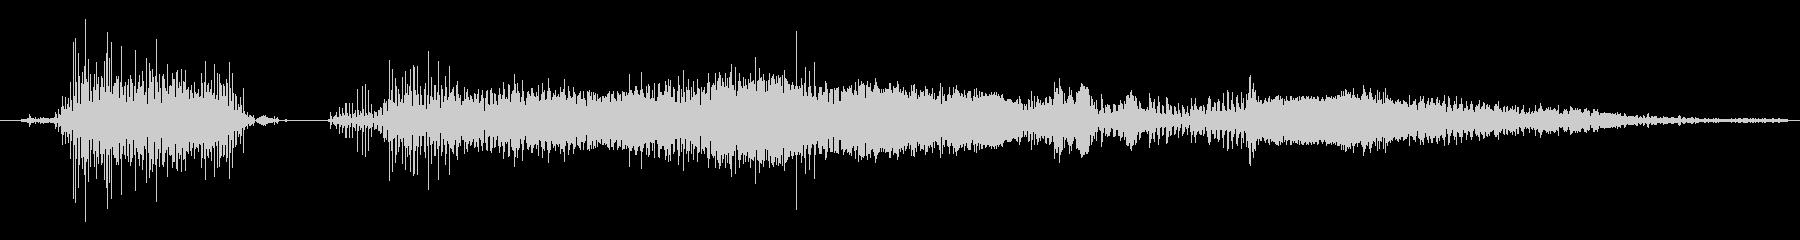 ノーム うめき声非常に痛みを伴う06の未再生の波形